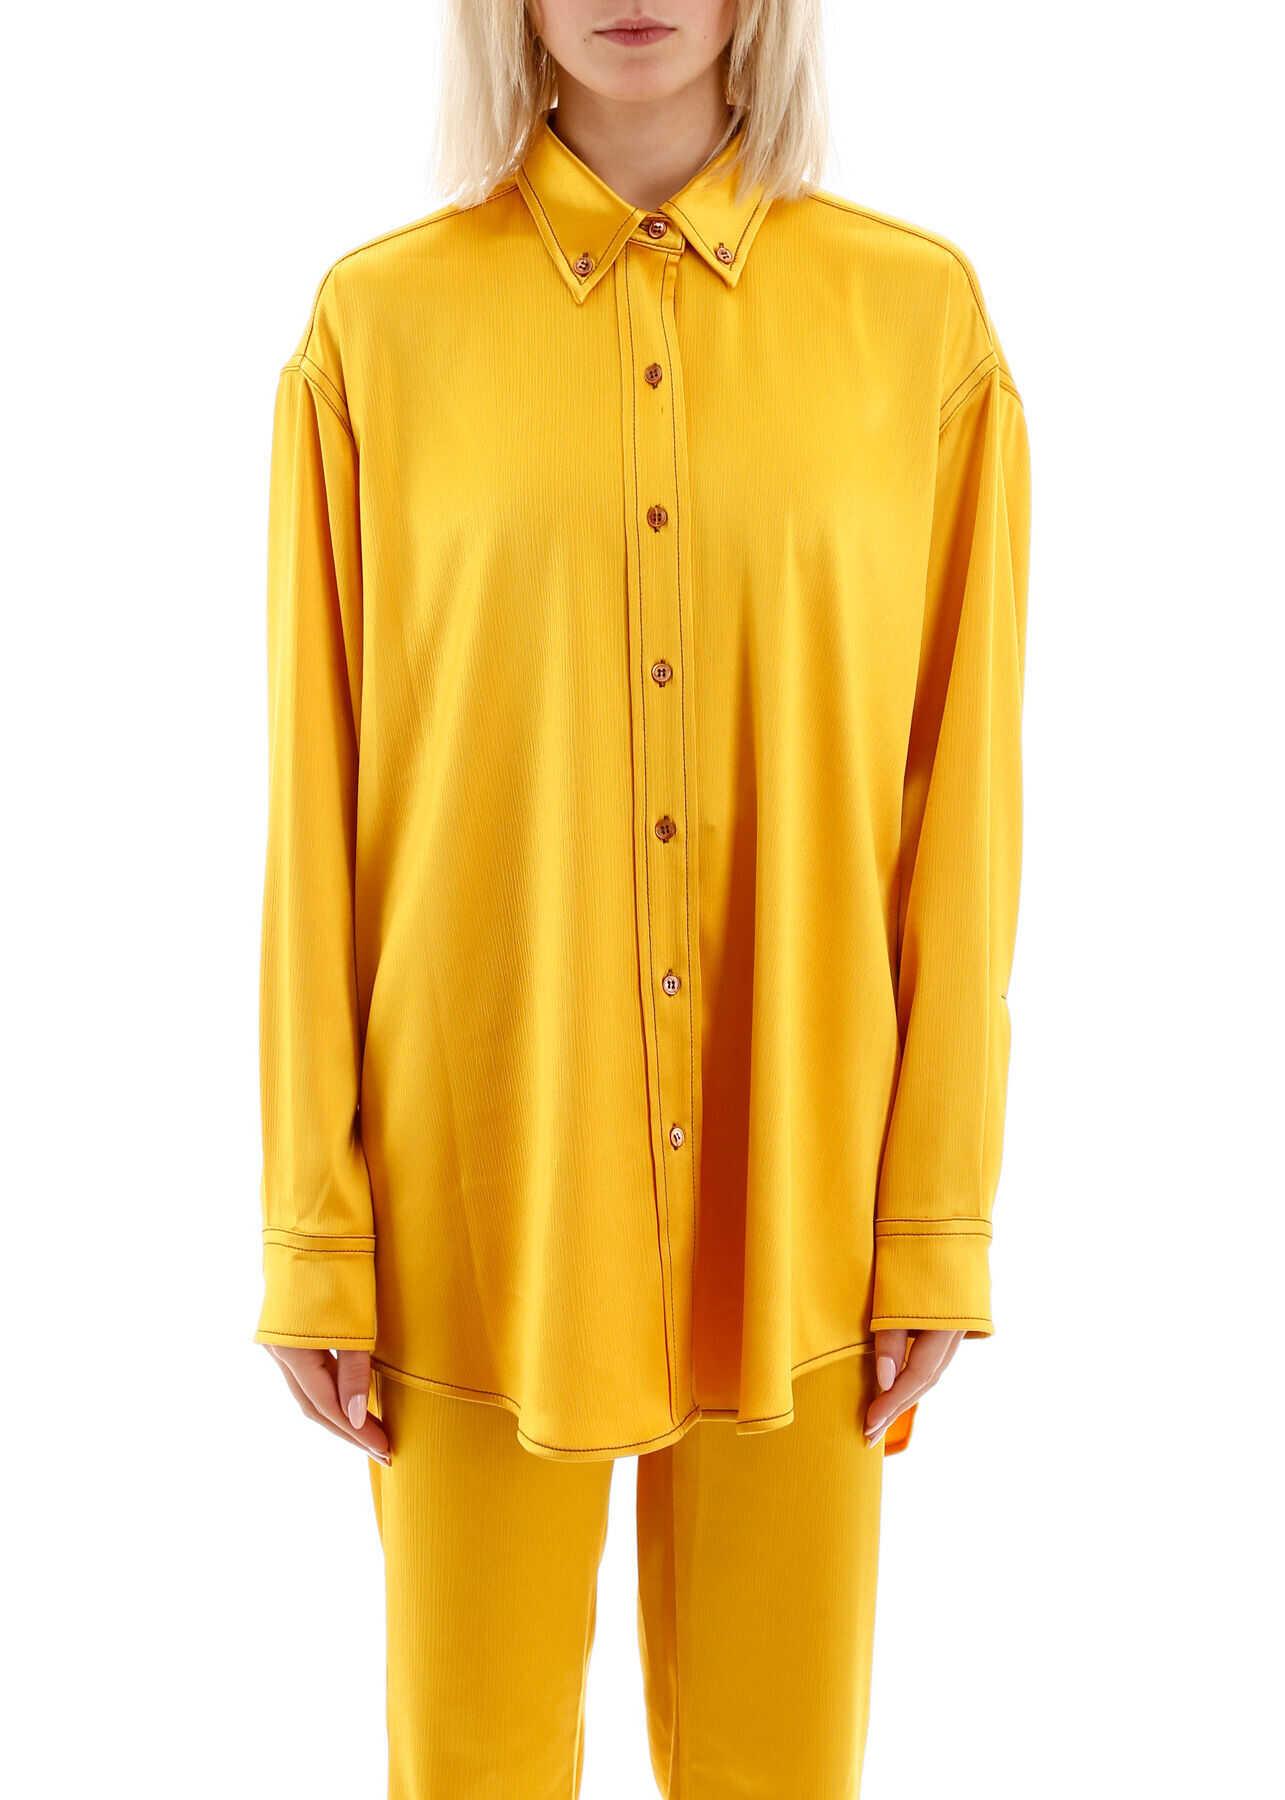 Sies Marjan Kiki Shirt 15KS3097 SE40180 CORN image0